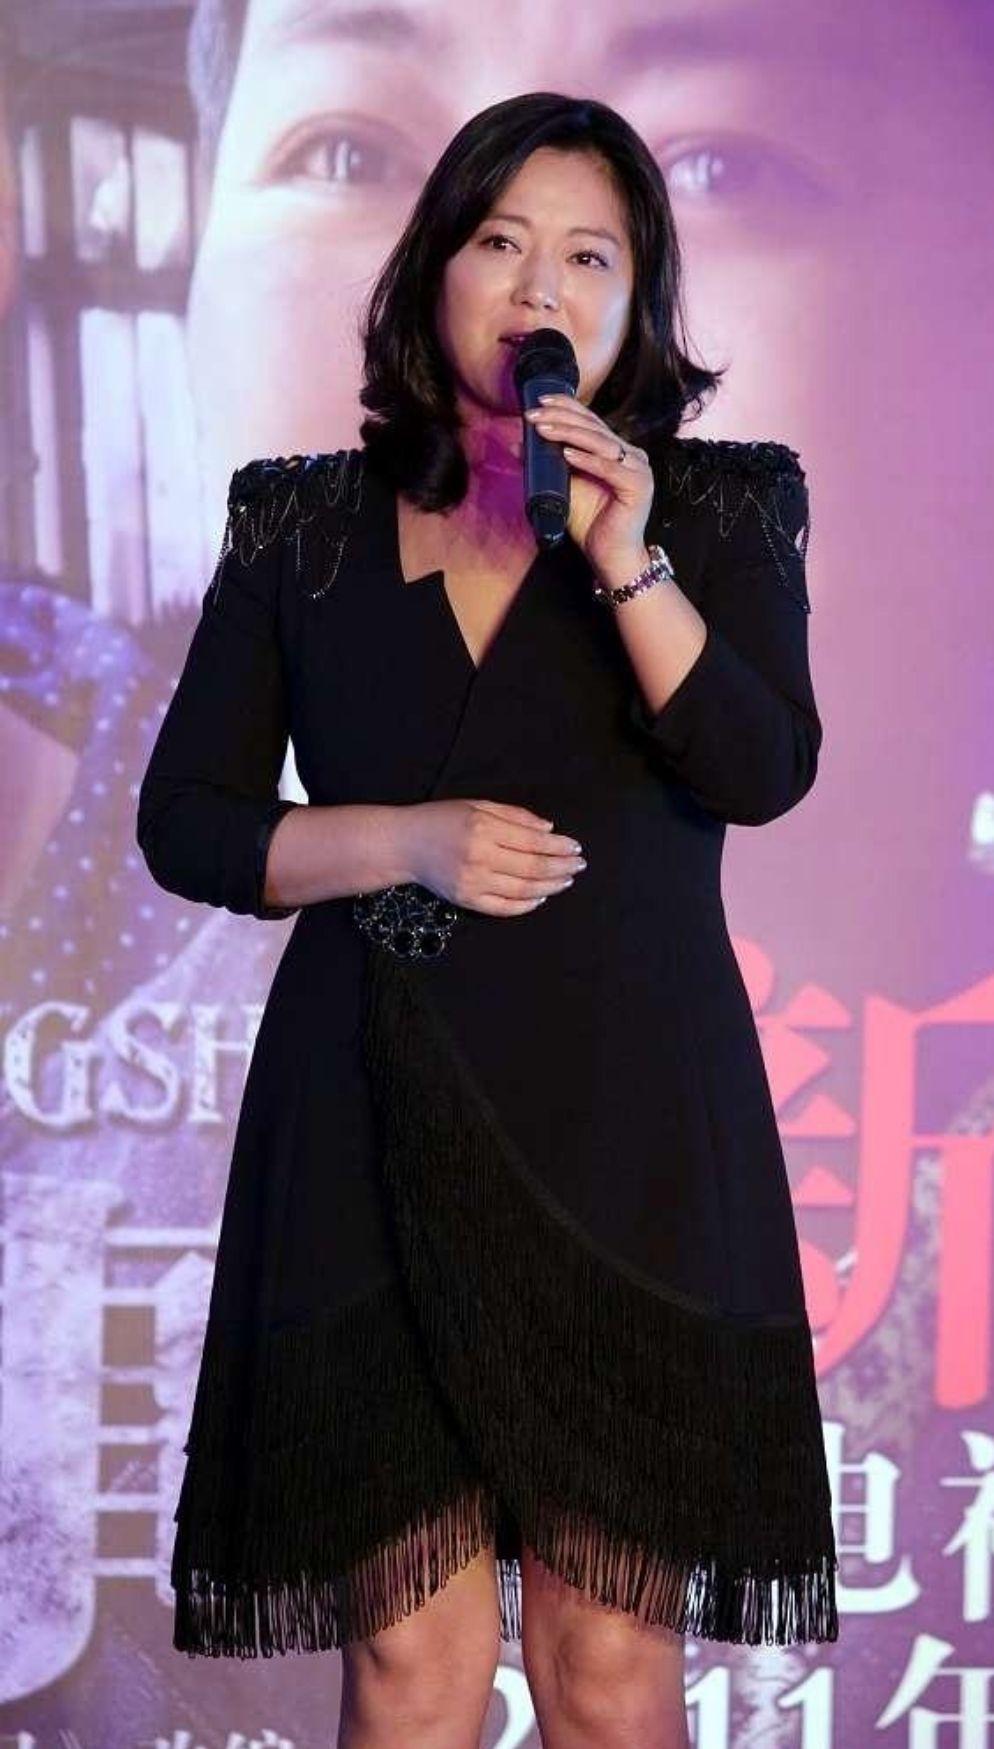 王茜華秀出自己的穿搭,身材豐滿性感,穿一襲黑裙很像貴婦